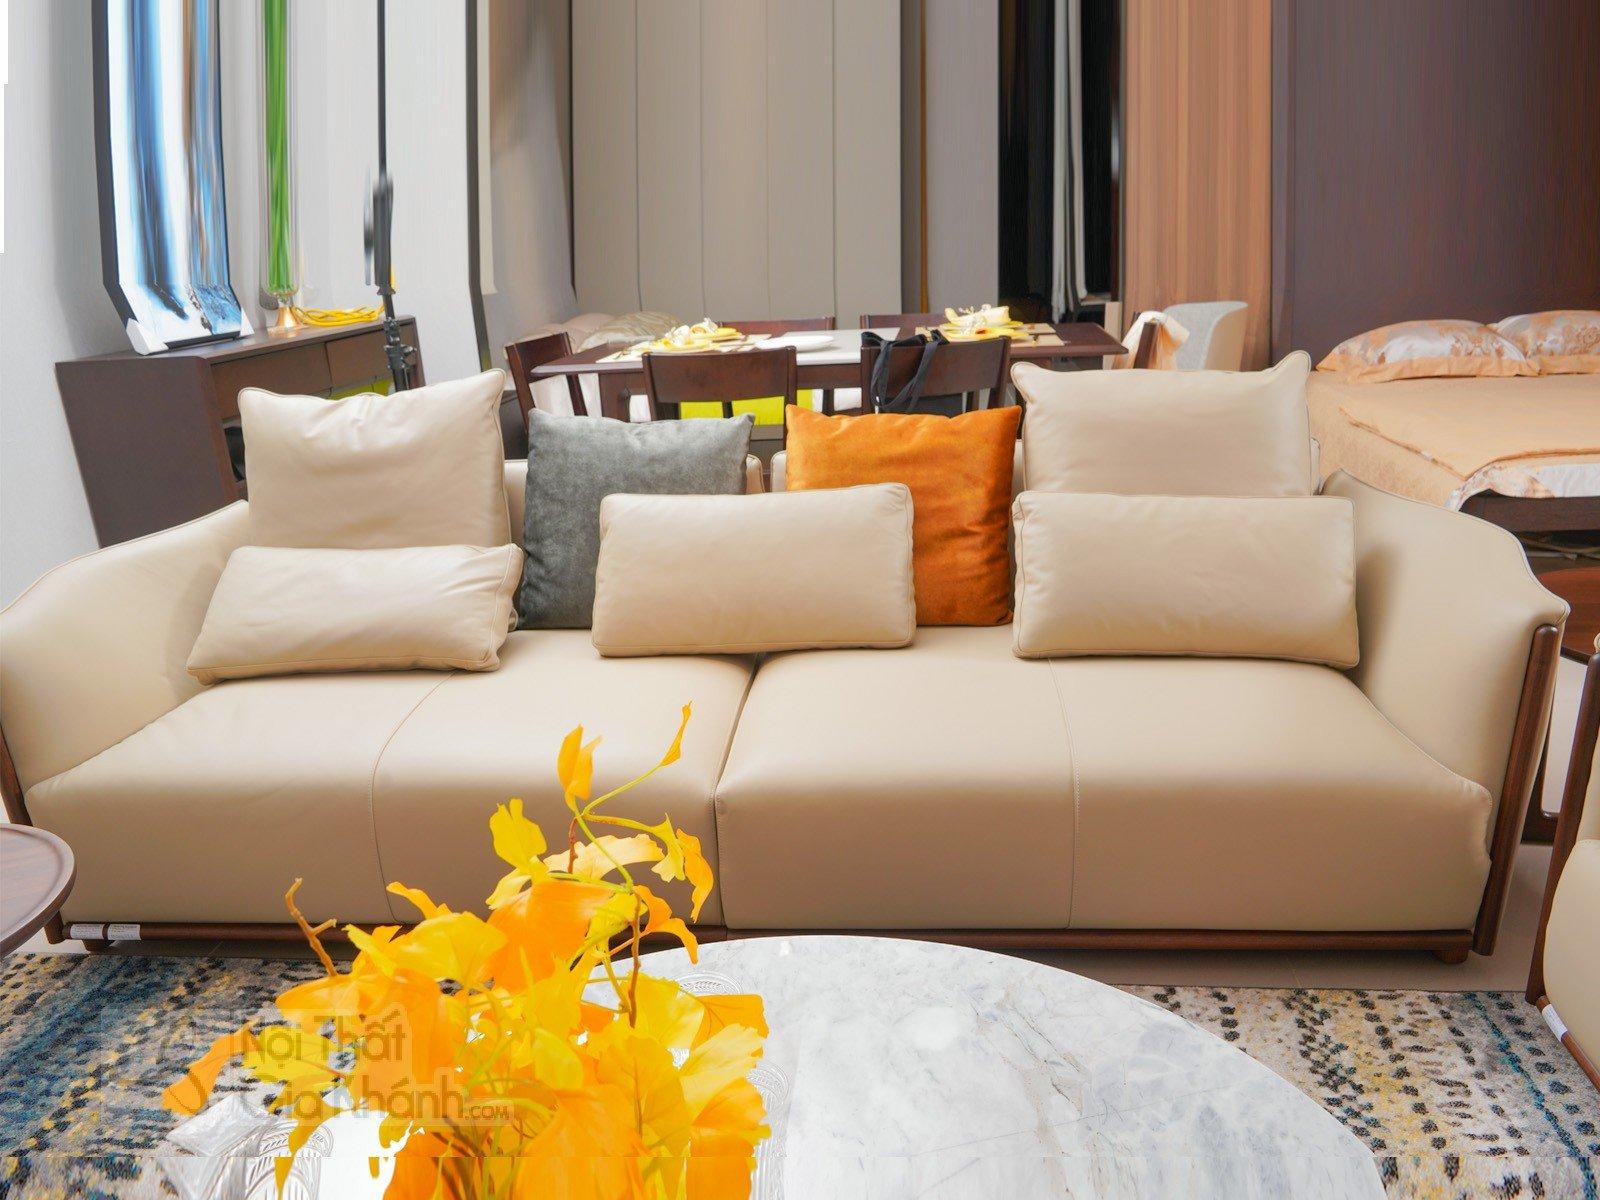 Sofa Bang 4 Da Phong Cach Y 1909Sf 4